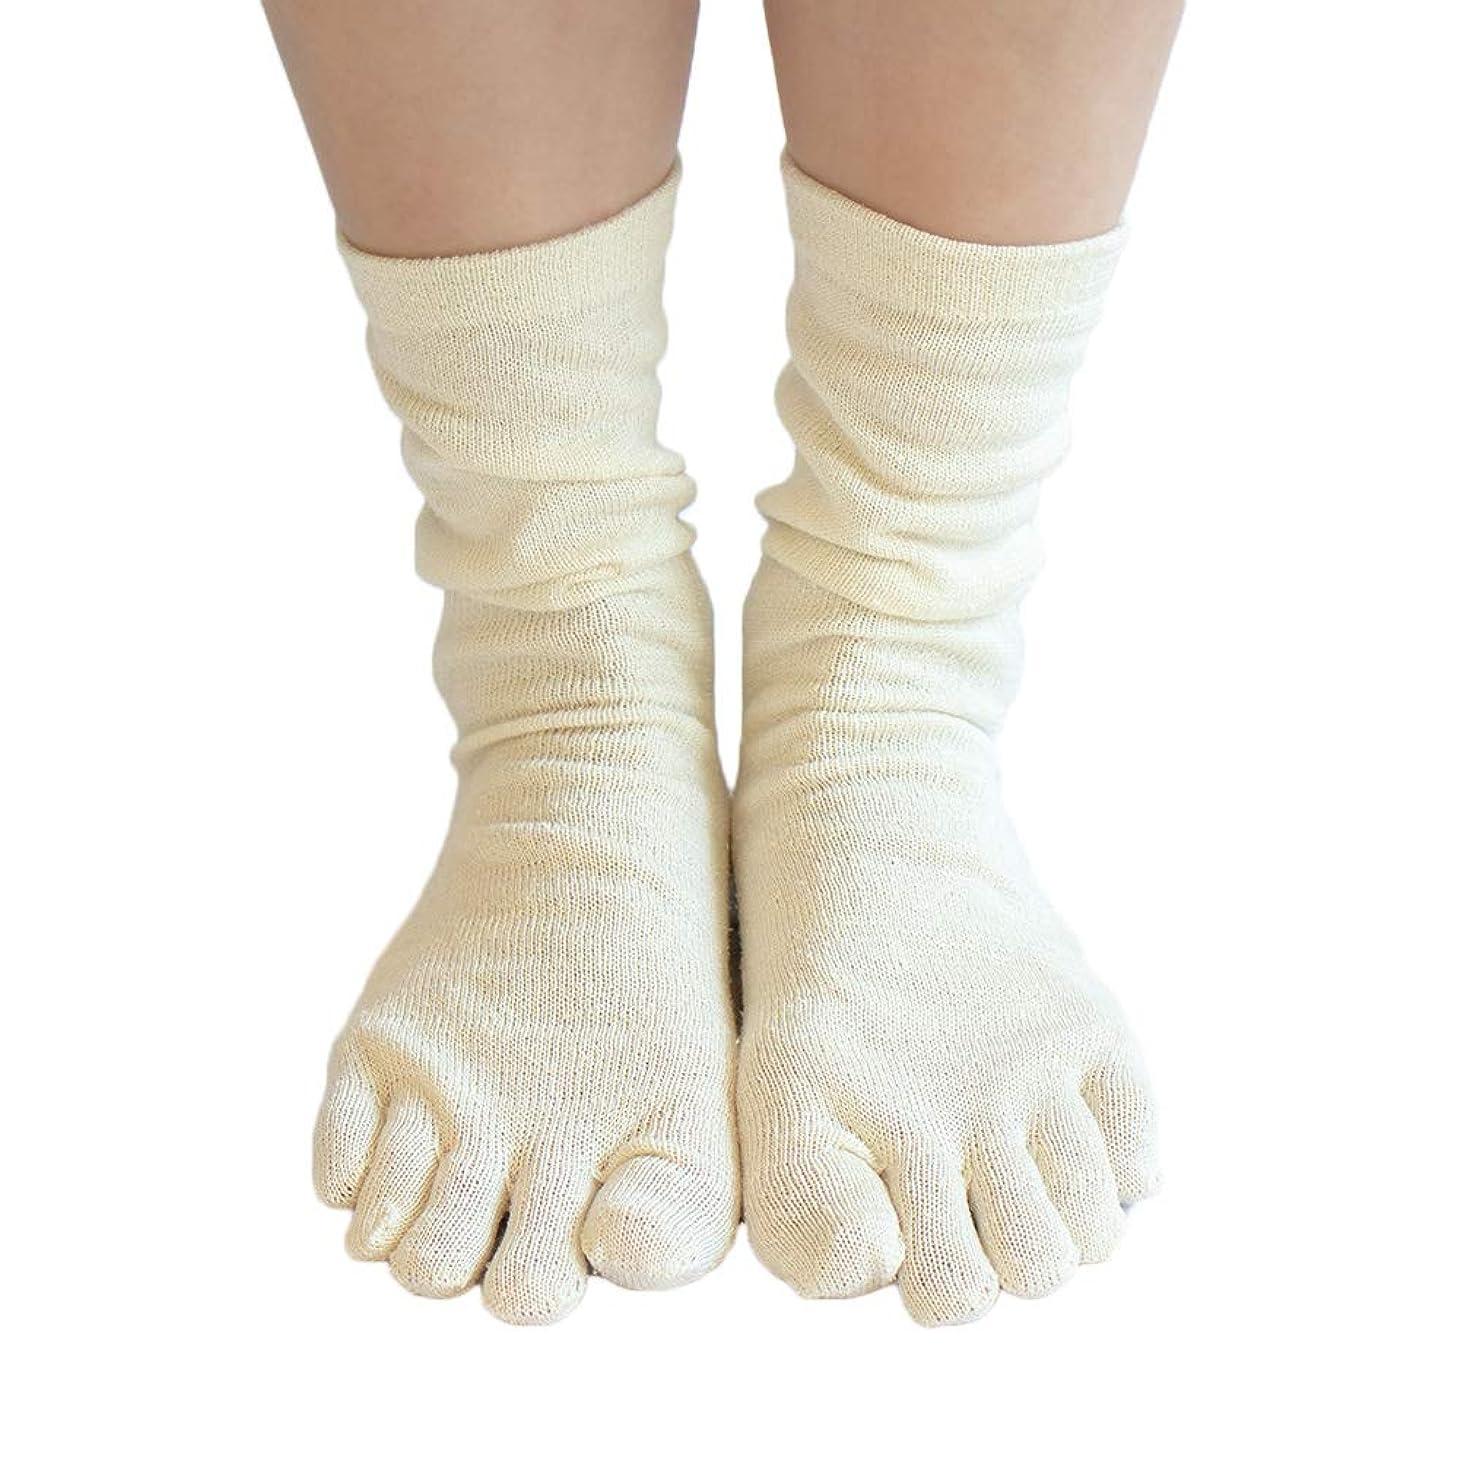 通行人はっきりと行動シルク 100% 五本指 ソックス 3足セット かかとあり 上質な絹紡糸と紬糸ブレンドした絹糸を100%使用した薄手靴下 重ね履きのインナーソックスや冷えとりに